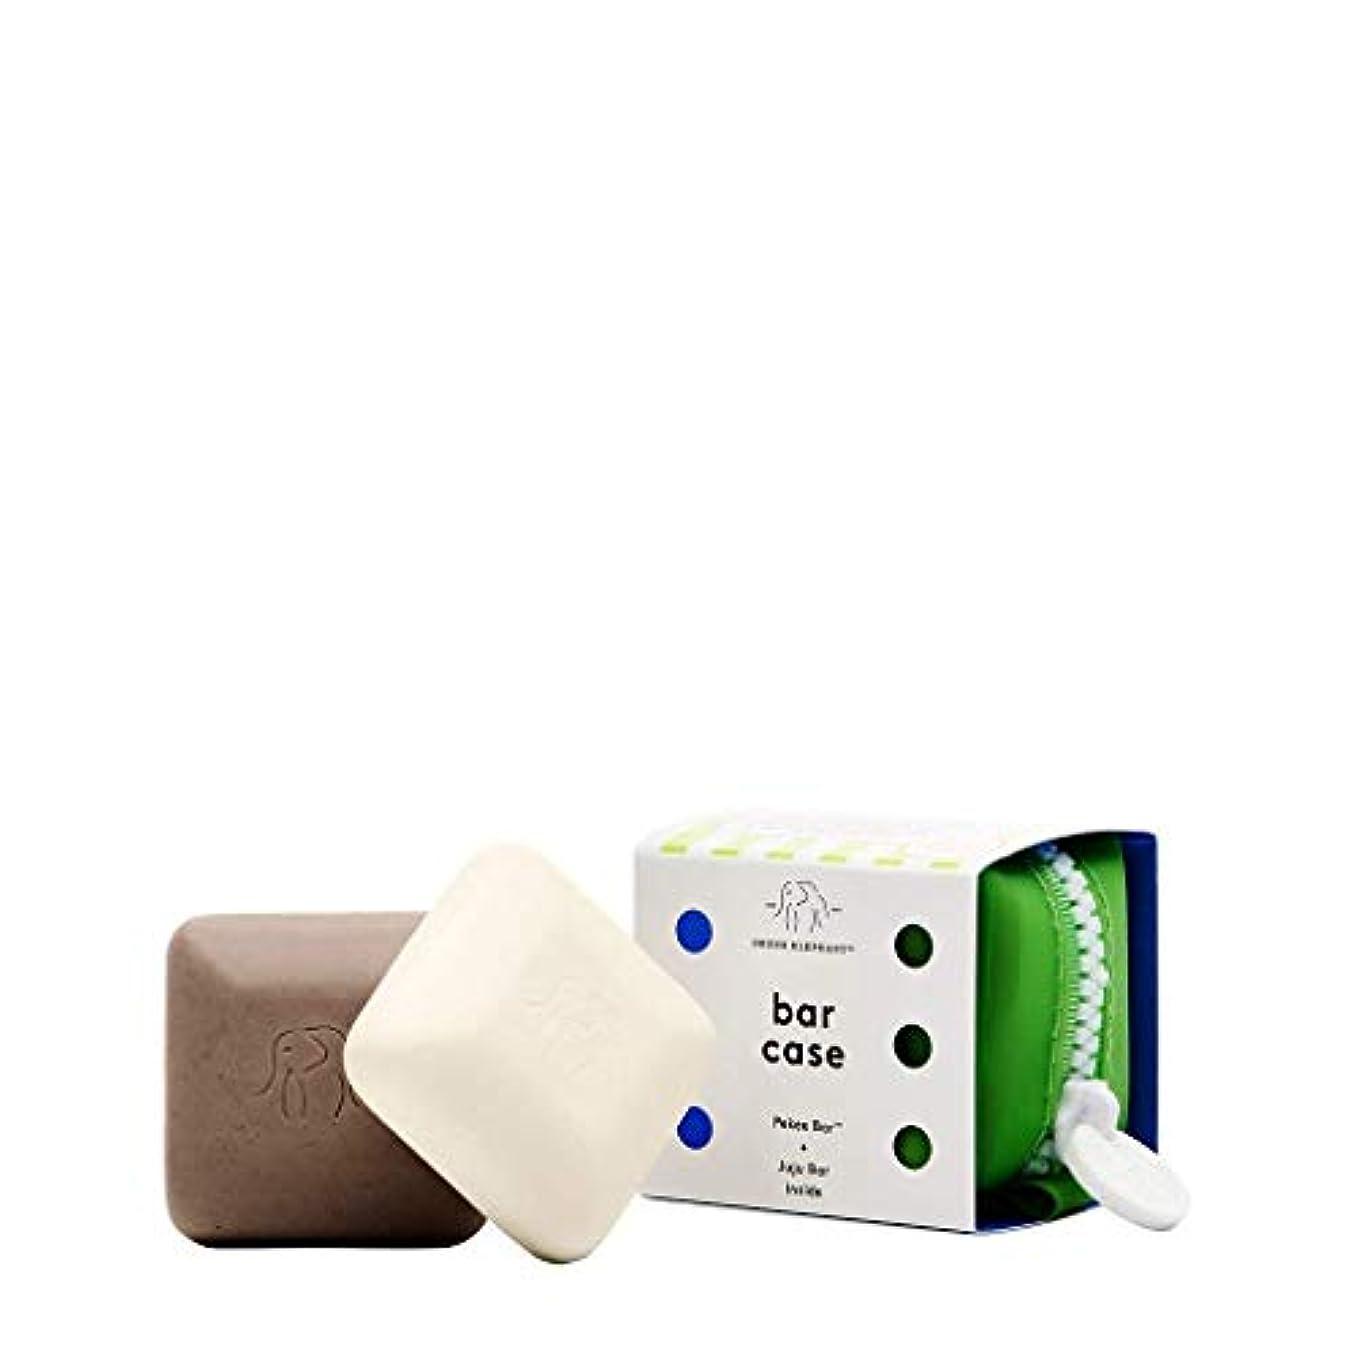 冷淡な範囲マイクロプロセッサDRUNK ELEPHANT Baby Bar Travel Duo(2 x 30g) ドランクエレファントミニ洗顔石鹸セット